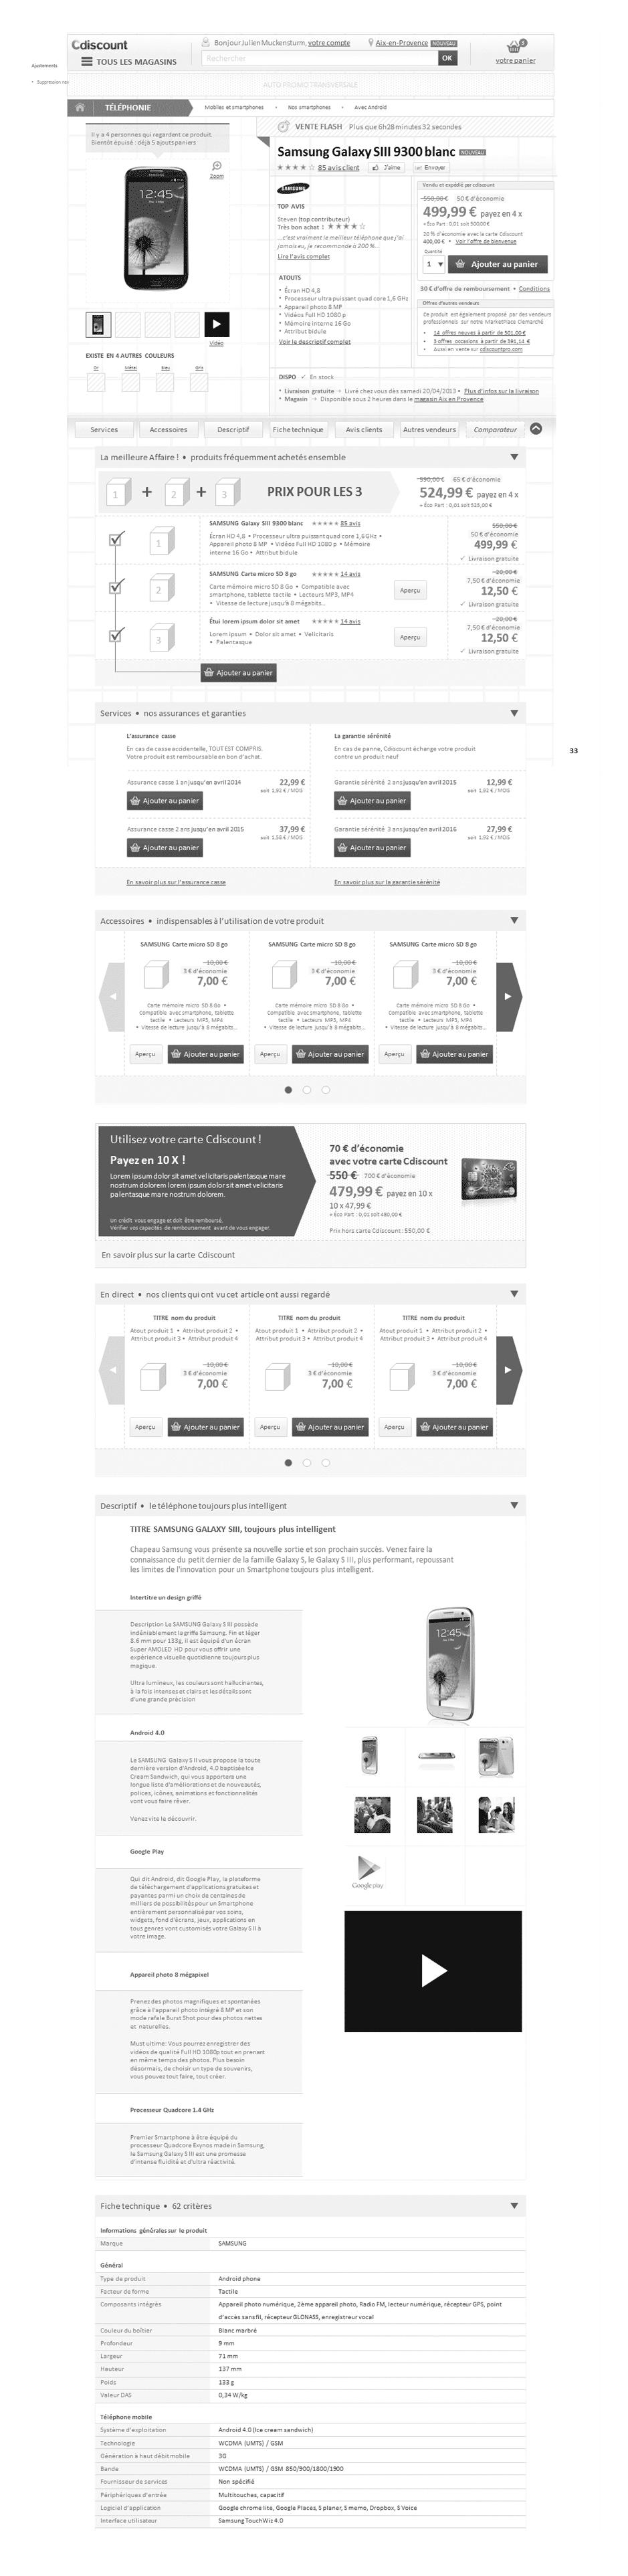 Exemple de design fonctionnel de fiche produit responsive